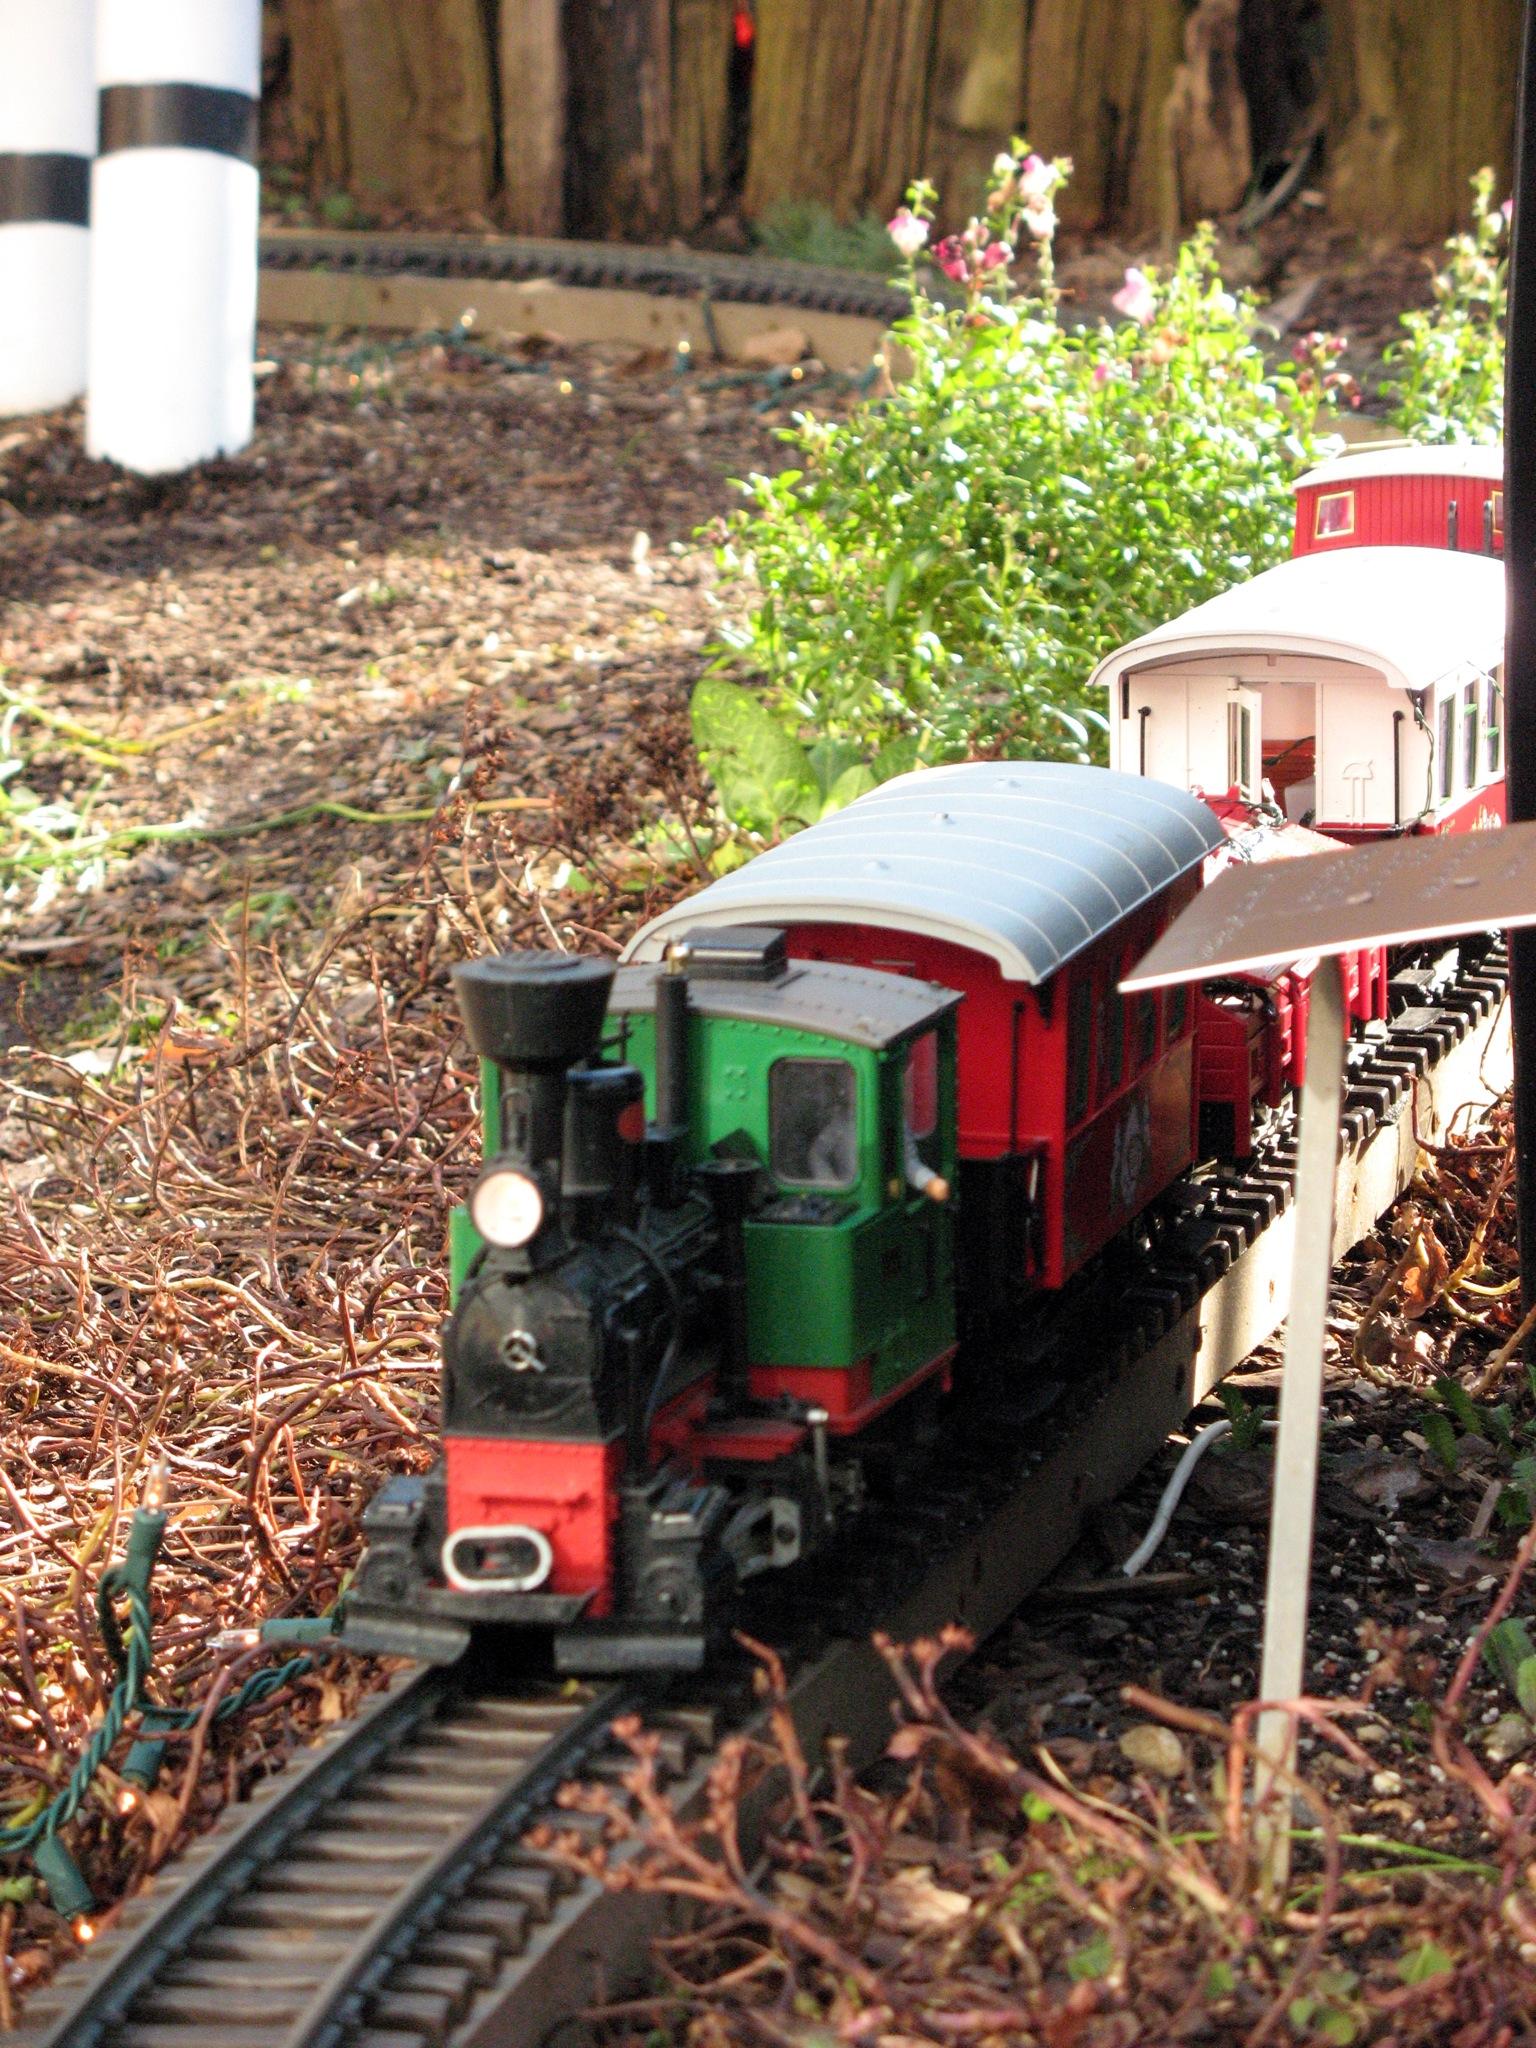 LGB (trains) - Wikipedia